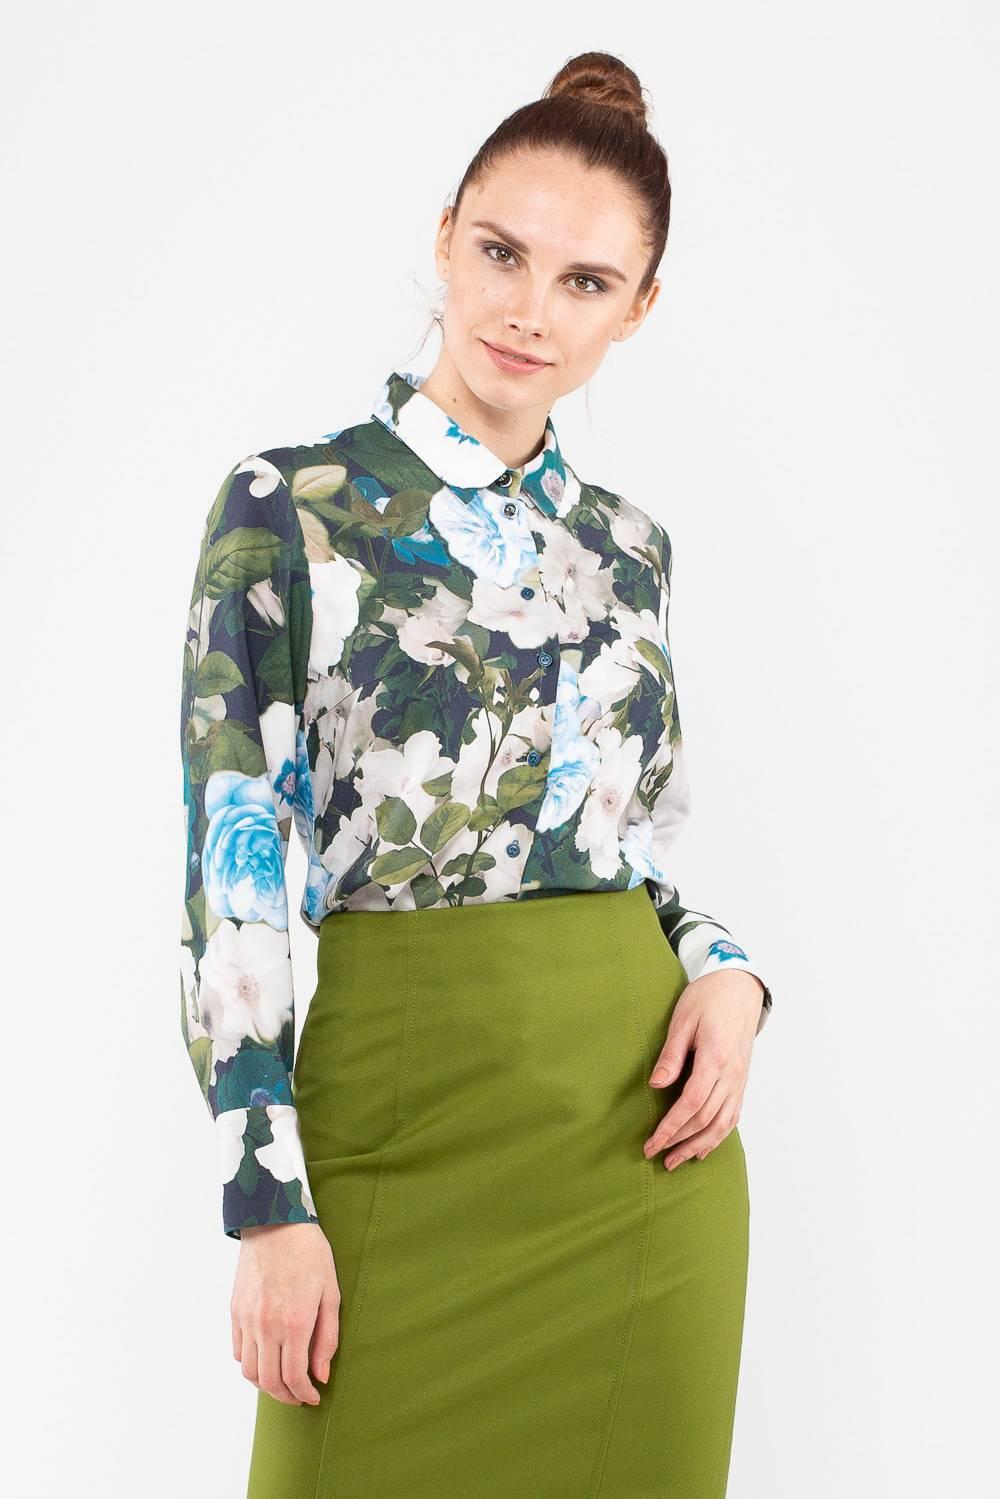 Блуза Г689-582 - Блуза из натуральной вискозы, украшенная очаровательным цветочным принтом, станет основой женственного современного образа. Модель с аккуратным воротником и высокими манжетами, застегивается на аккуратные пуговицы. Блуза хорошо сочетается со строгими юбками, но при желании легко дополнит джинсы или другой неформальный низ.